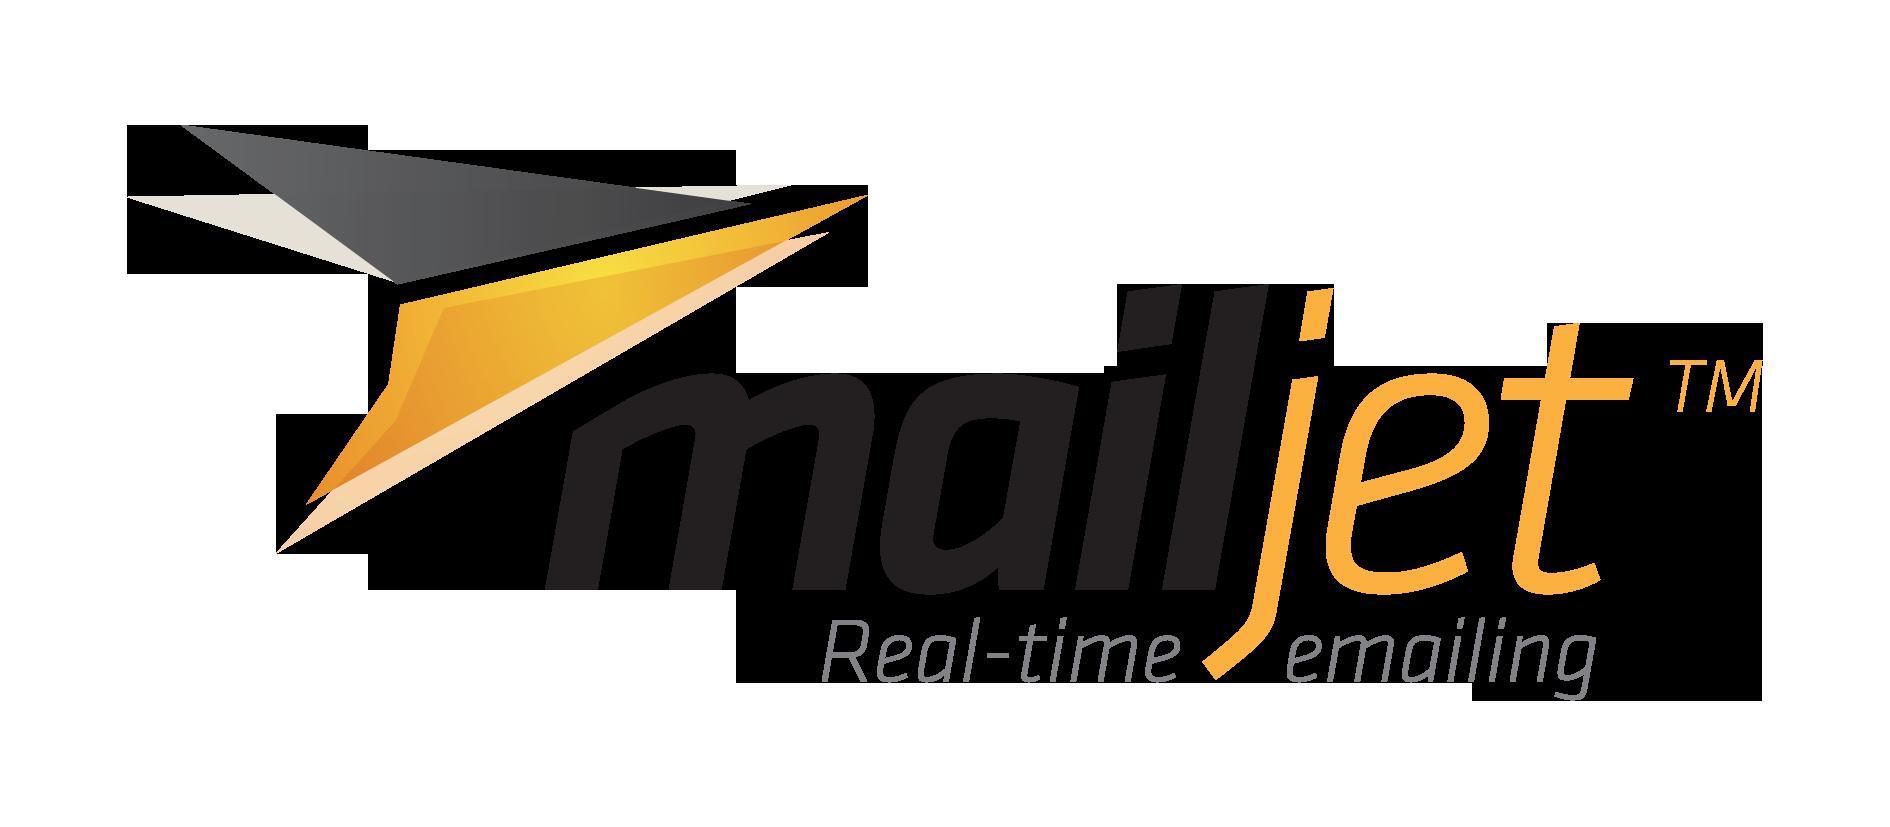 Hướng dẫn cài đặt MailJet – Email SMTP Free